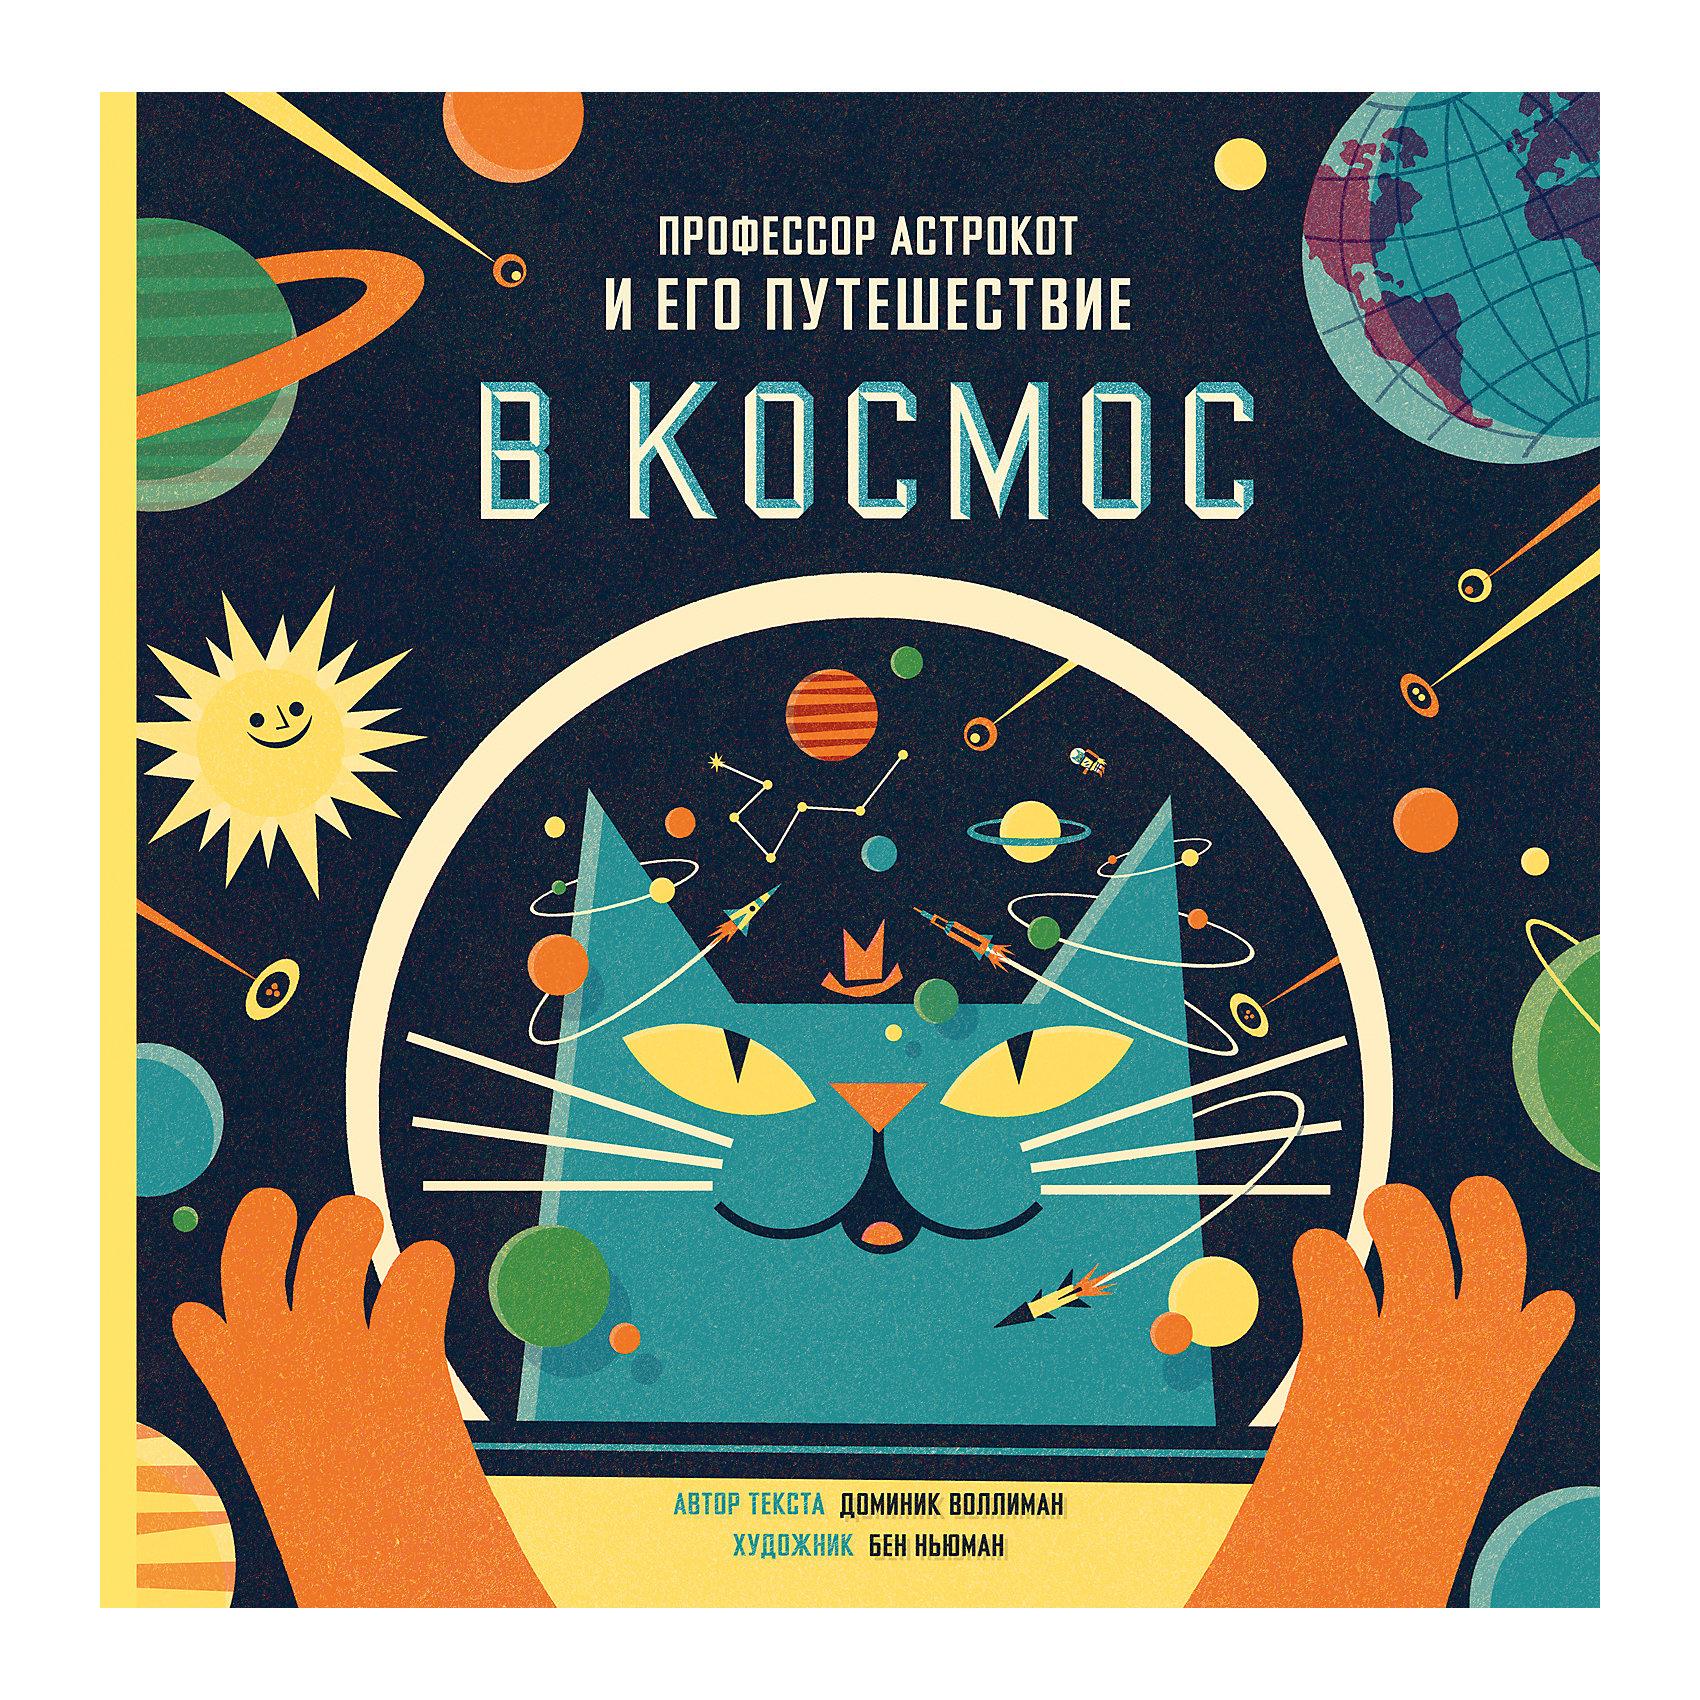 Профессор Астрокот и его путешествие в космосУвлекательная и красочная книга о космосе Профессор Астрокот и его путешествие в космос прекрасно подойдет в качестве подарка и займет достойное место в домашней библиотеке. Профессор Астрокот приглашает всех желающих в космическое путешествие, из которого Ваш ребенок узнает много интересного про звёзды и галактики, планеты и их спутники, кометы и астероиды, ракеты и  космонавтов, а также приоткроет тайну возникновения нашей Вселенной и даже заглянет в её будущее. Куда уходит на ночь Солнце? Что скрывает темная сторона Луны? Как рождаются и умирают звезды? Из чего состоят планеты Солнечной системы? - на все эти и другие вопросы Вы найдете ответы на страницах книги. Чудесные красочные иллюстрации и увлекательные рассказы о космосе будут интересны детям всех возрастов.<br><br>Дополнительная информация:<br><br>- Автор: Доминик Воллиман.<br>- Художник: Бен Ньюман.<br>- Переплет: твердая обложка.<br>- Иллюстрации: цветные.<br>- Объем: 64 стр. <br>- Размер: 29,7 x 29,5 x 1,5 см.<br>- Вес: 0,784 кг. <br><br>Книгу Профессор Астрокот и его путешествие в космос, Манн, Иванов и Фербер, можно купить в нашем интернет-магазине.<br><br>Ширина мм: 297<br>Глубина мм: 295<br>Высота мм: 15<br>Вес г: 794<br>Возраст от месяцев: 72<br>Возраст до месяцев: 144<br>Пол: Унисекс<br>Возраст: Детский<br>SKU: 4414900